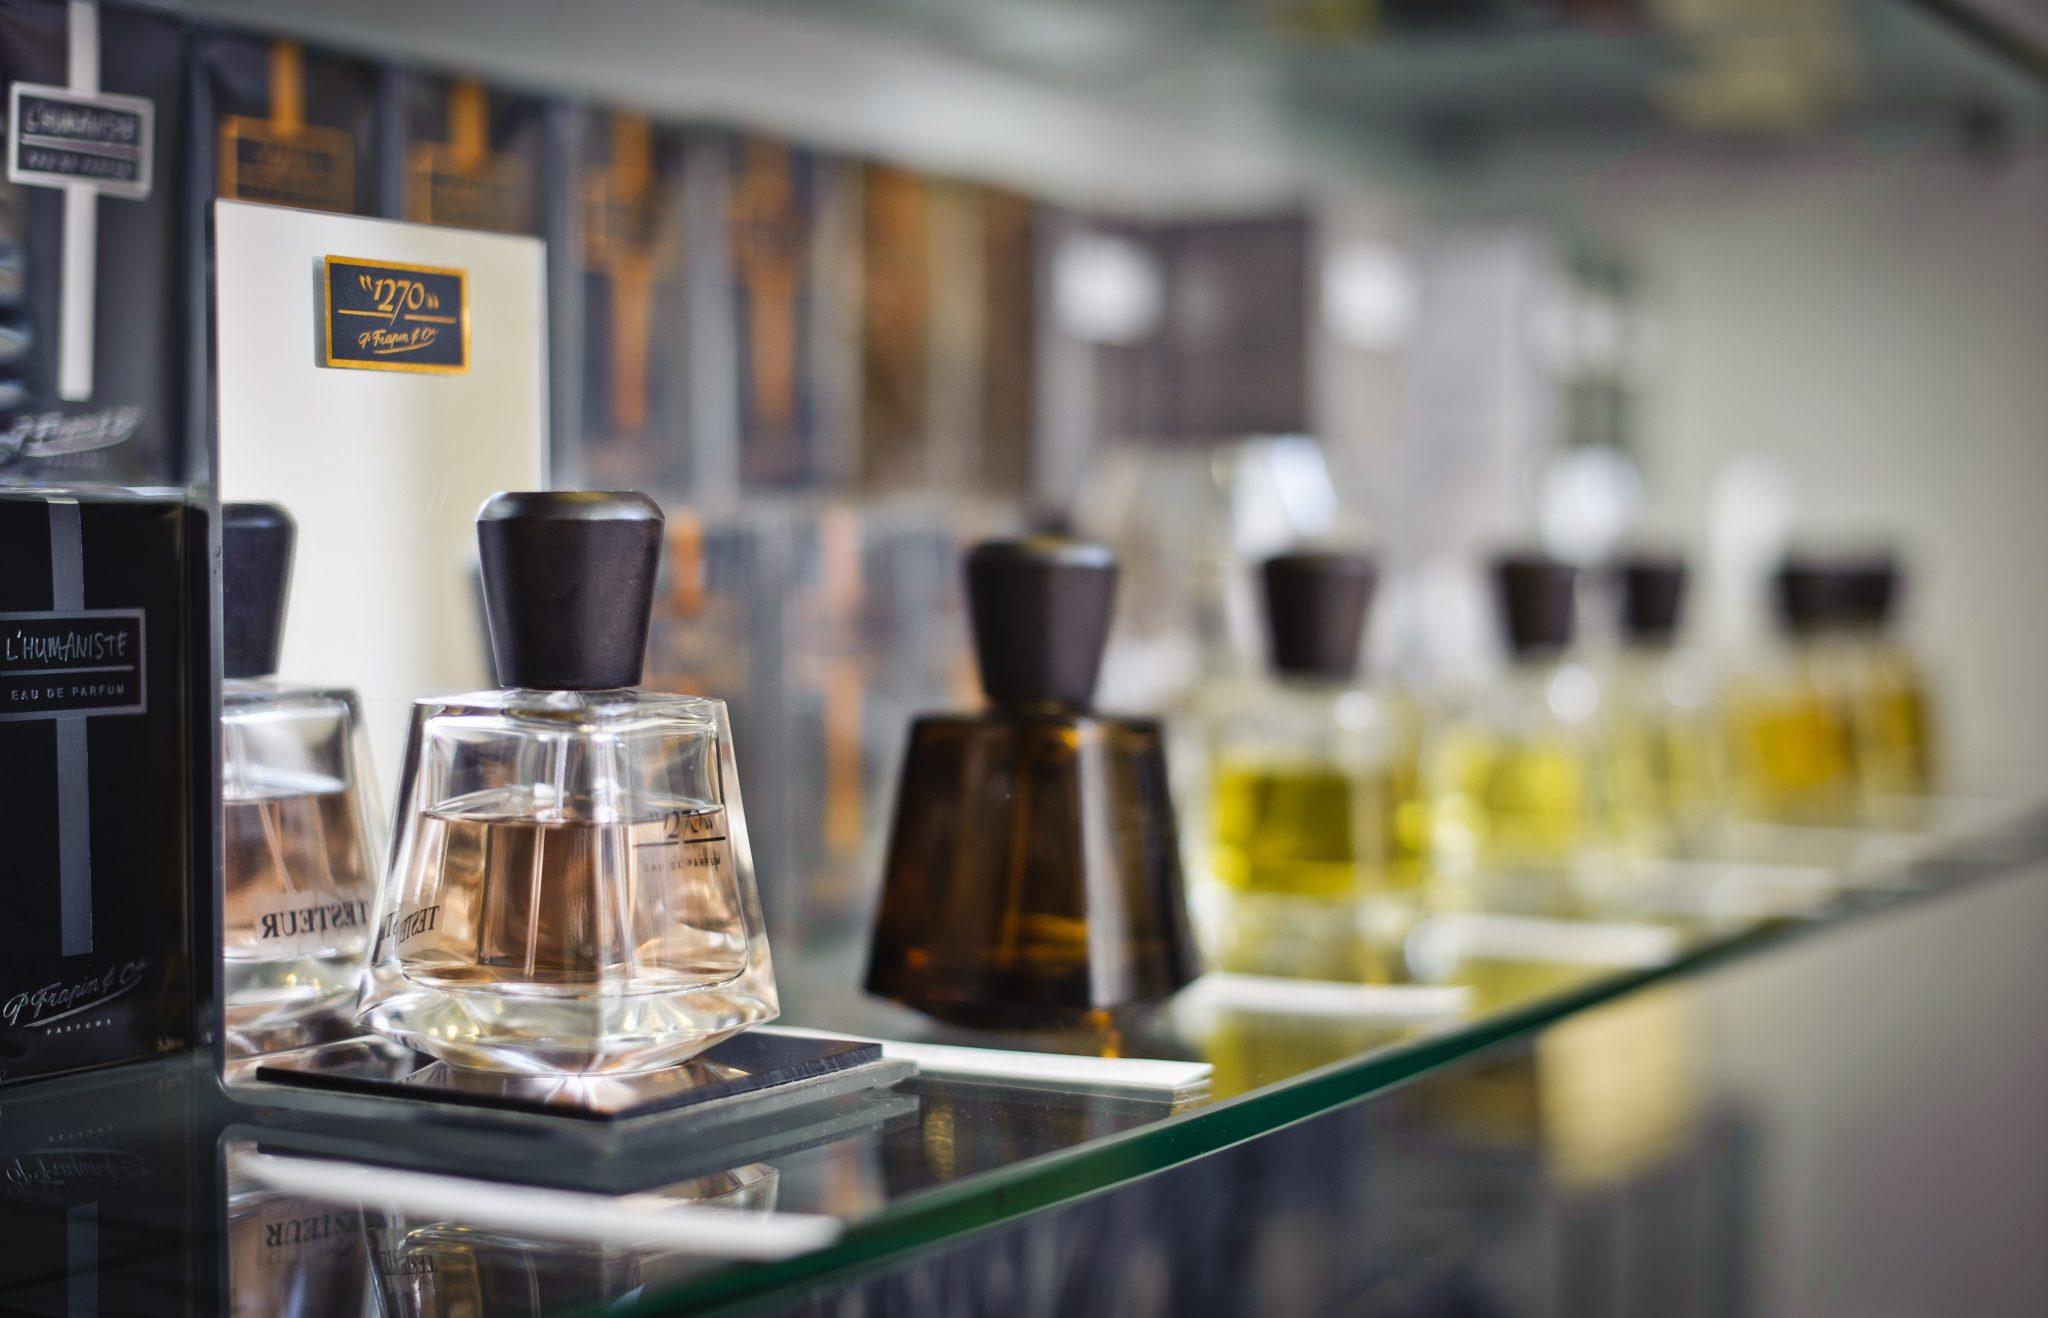 استفاده از پارافین مایع بی رنگ و بو در عطر و ادکلن باعث بالا رفتن ماندگاری بوی عطر می شود.